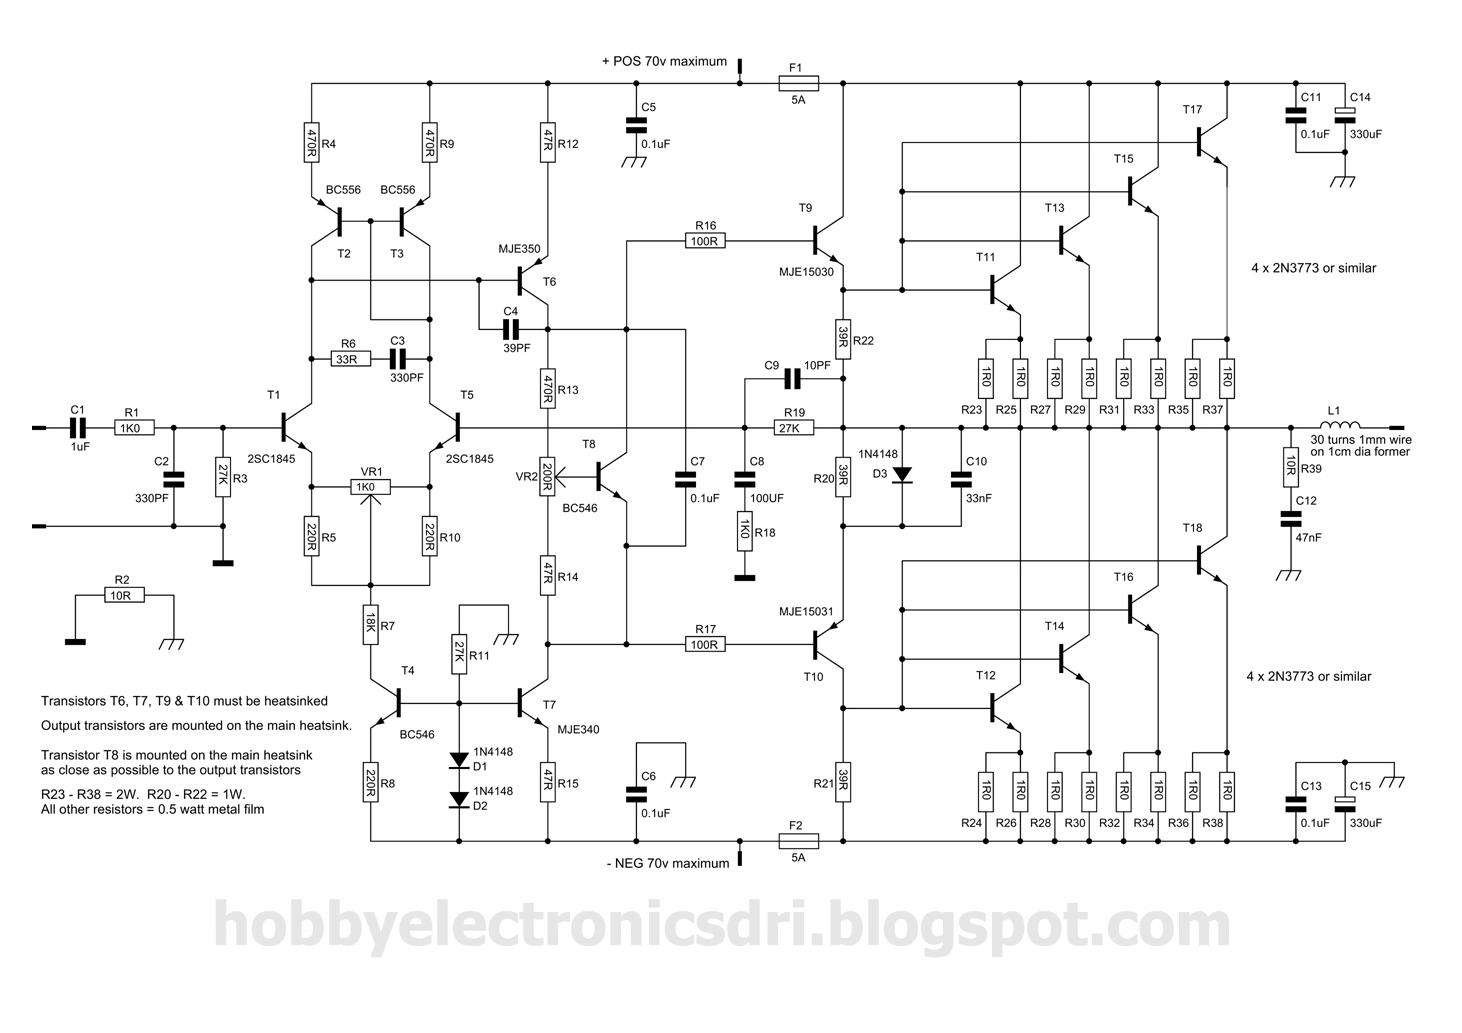 Schematic Circuit: April 2012